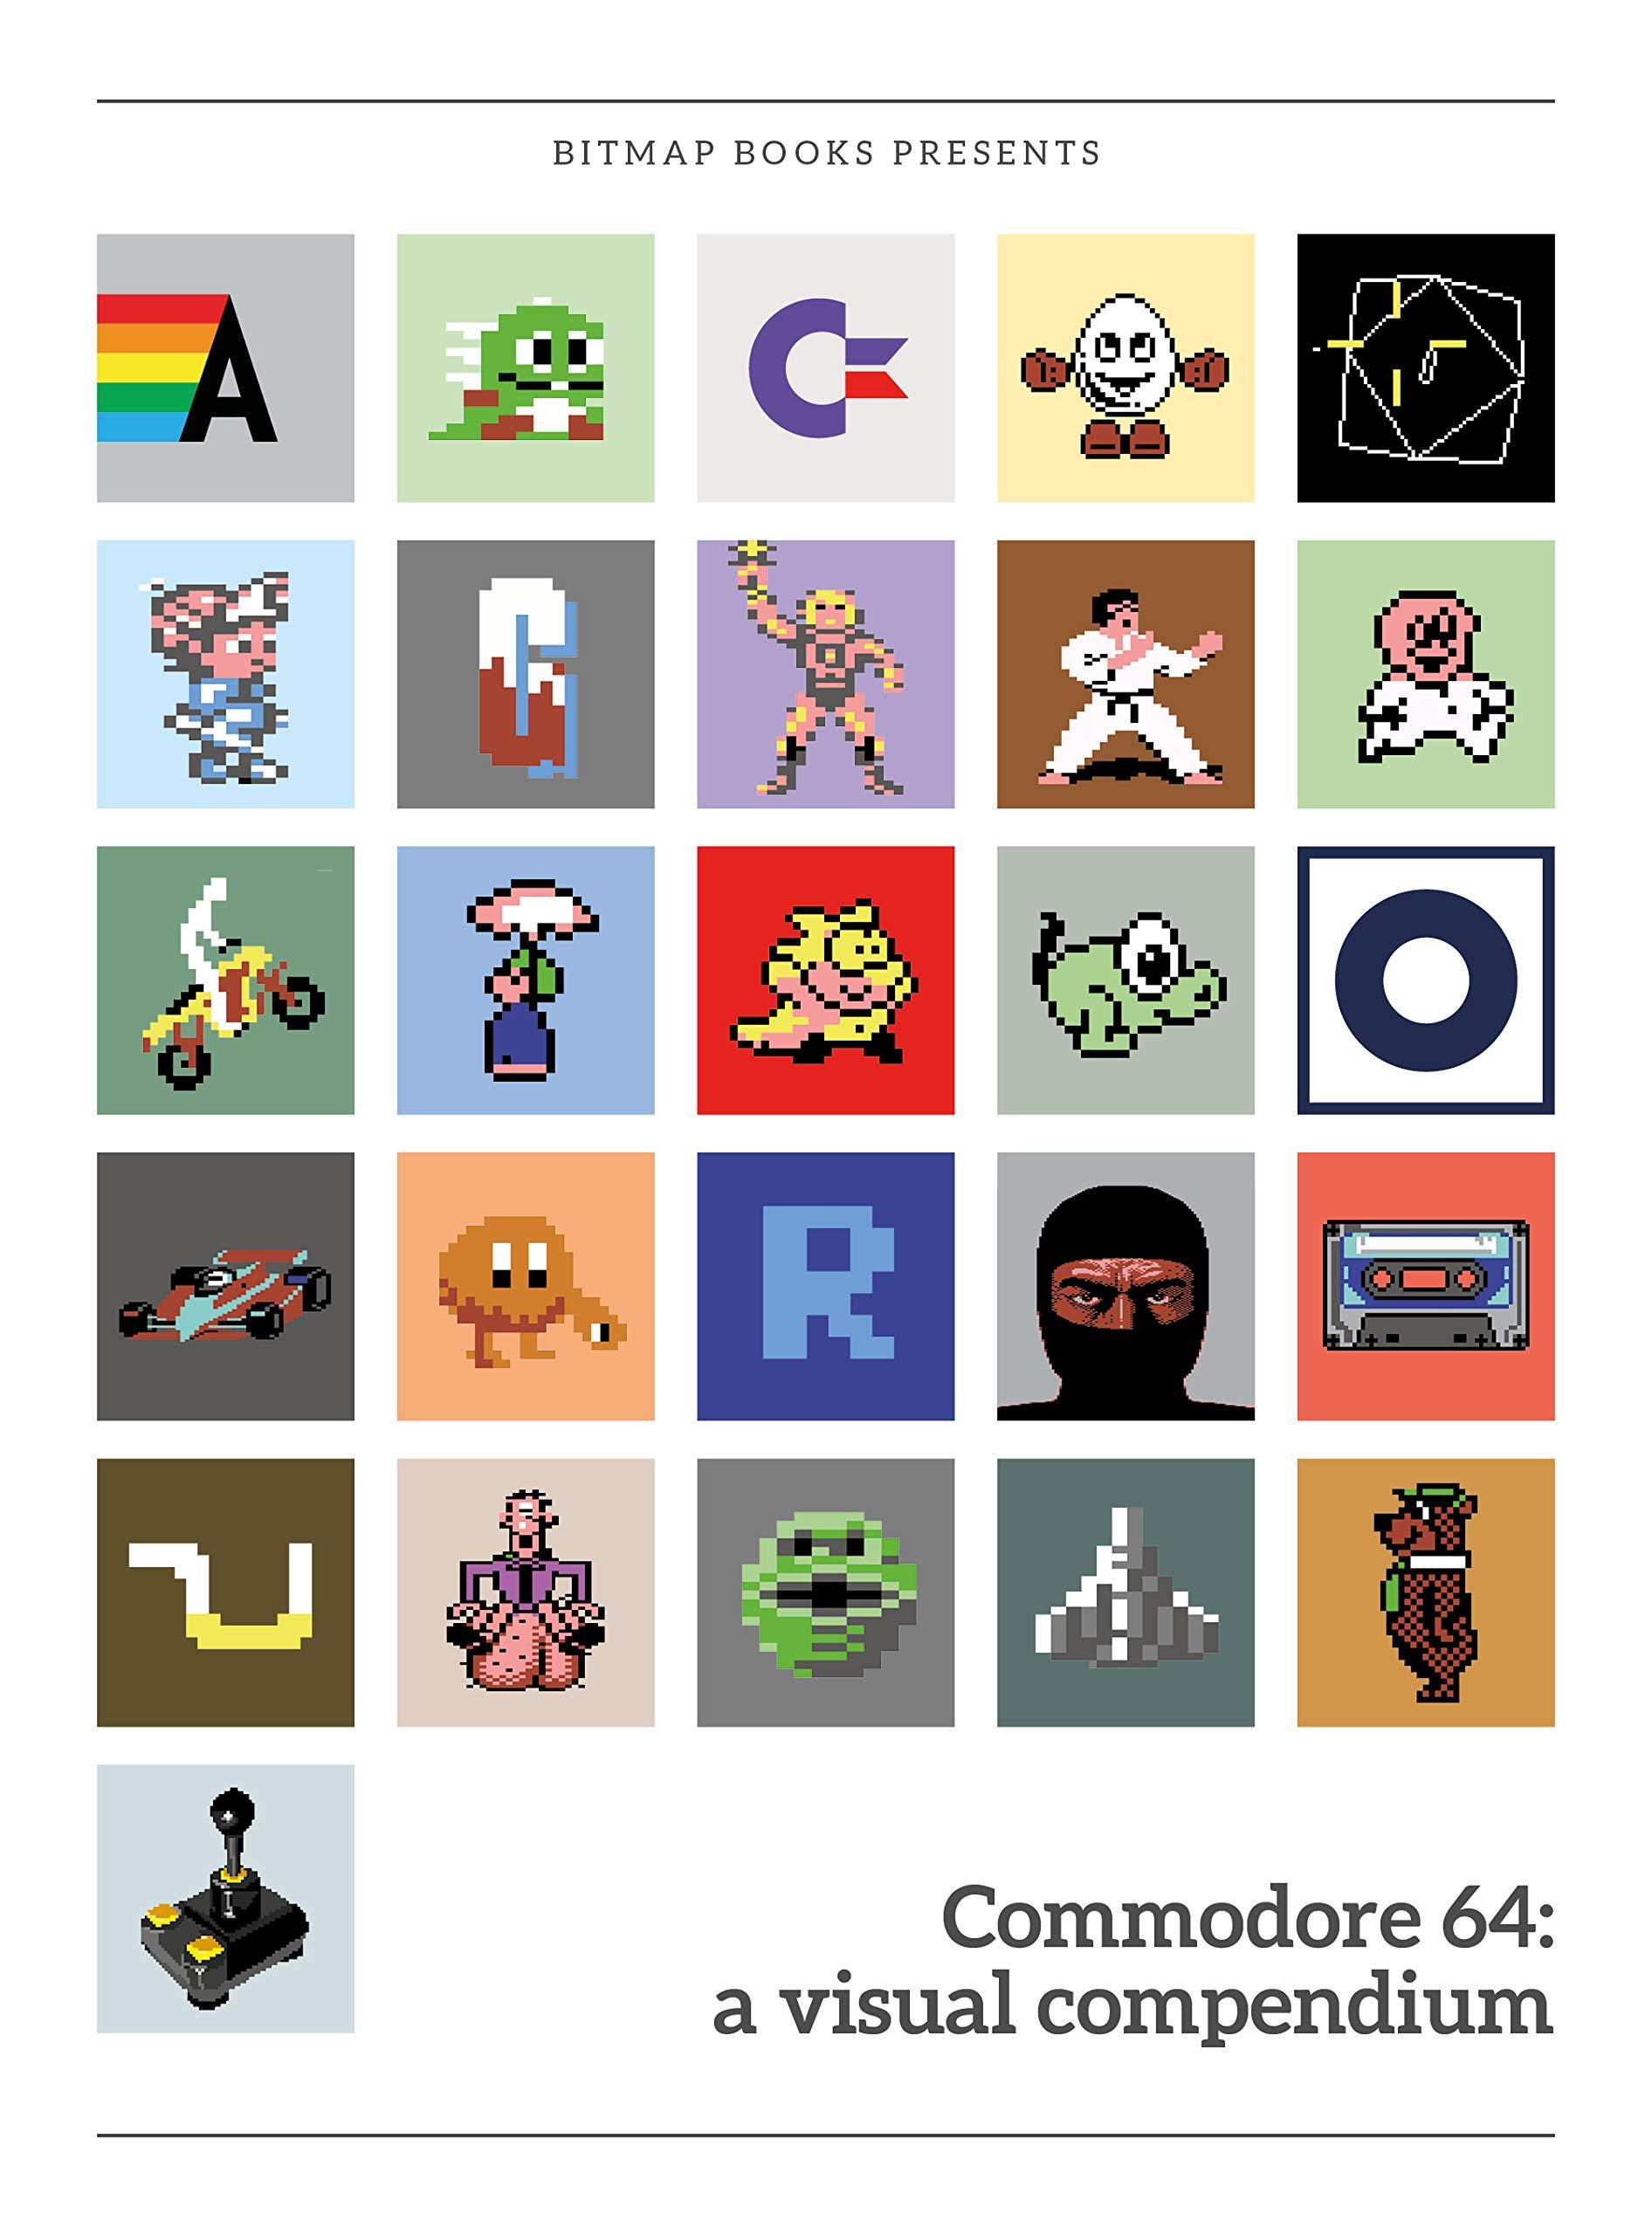 Commodore 64: a visual compendium: Amazon.es: Bitmap Books ...